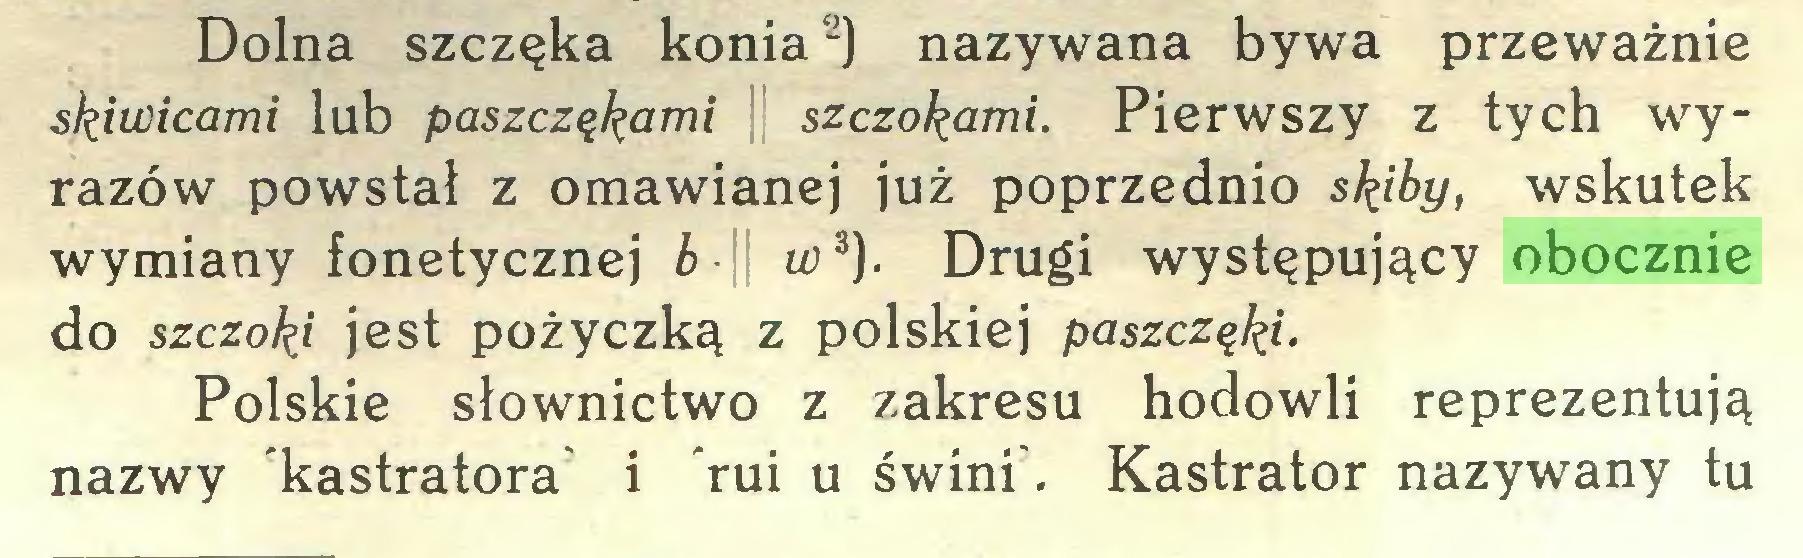 (...) Dolna szczęka konia2) nazywana bywa przeważnie skiwicami lub paszczakami szczotami. Pierwszy z tych wyrazów powstał z omawianej już poprzednio skiby, wskutek wymiany fonetycznej b w3). Drugi występujący obocznie do szczoki jest pożyczką z polskiej paszczękiPolskie słownictwo z zakresu hodowli reprezentują nazwy kastratora i rui u świni. Kastrator nazywany tu...